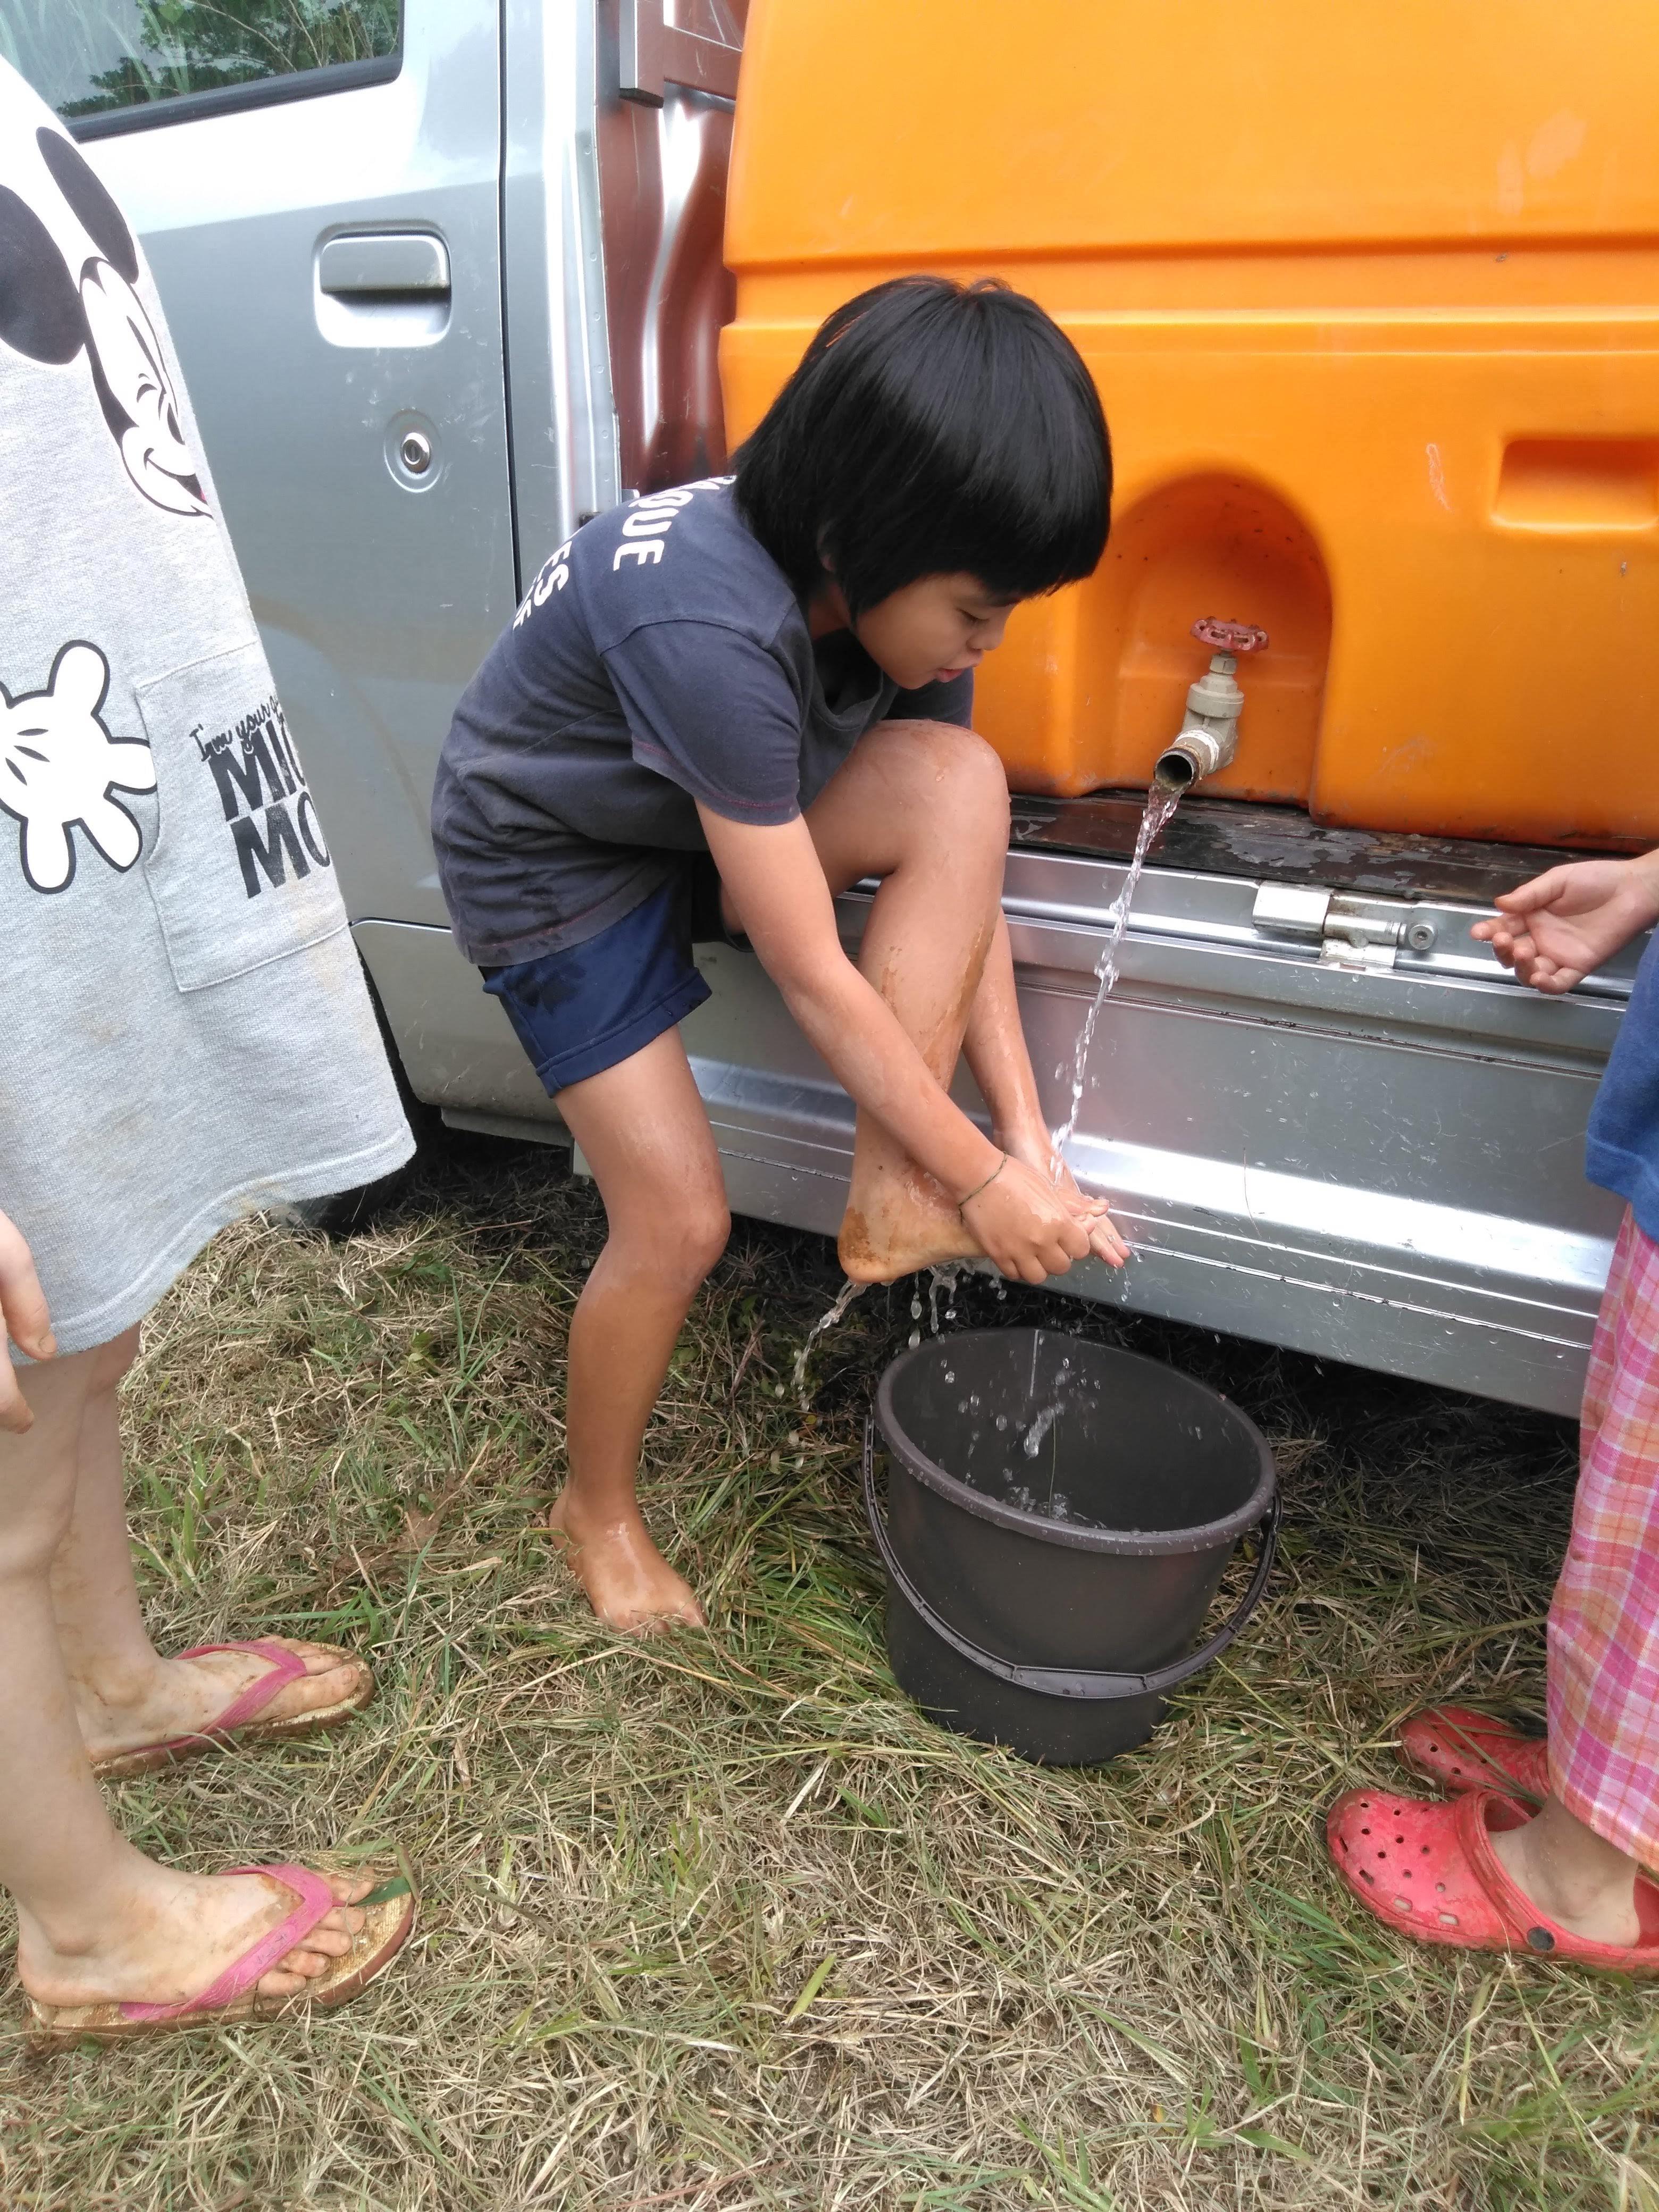 農業自然体験【沖縄】大人1人のイメージその4